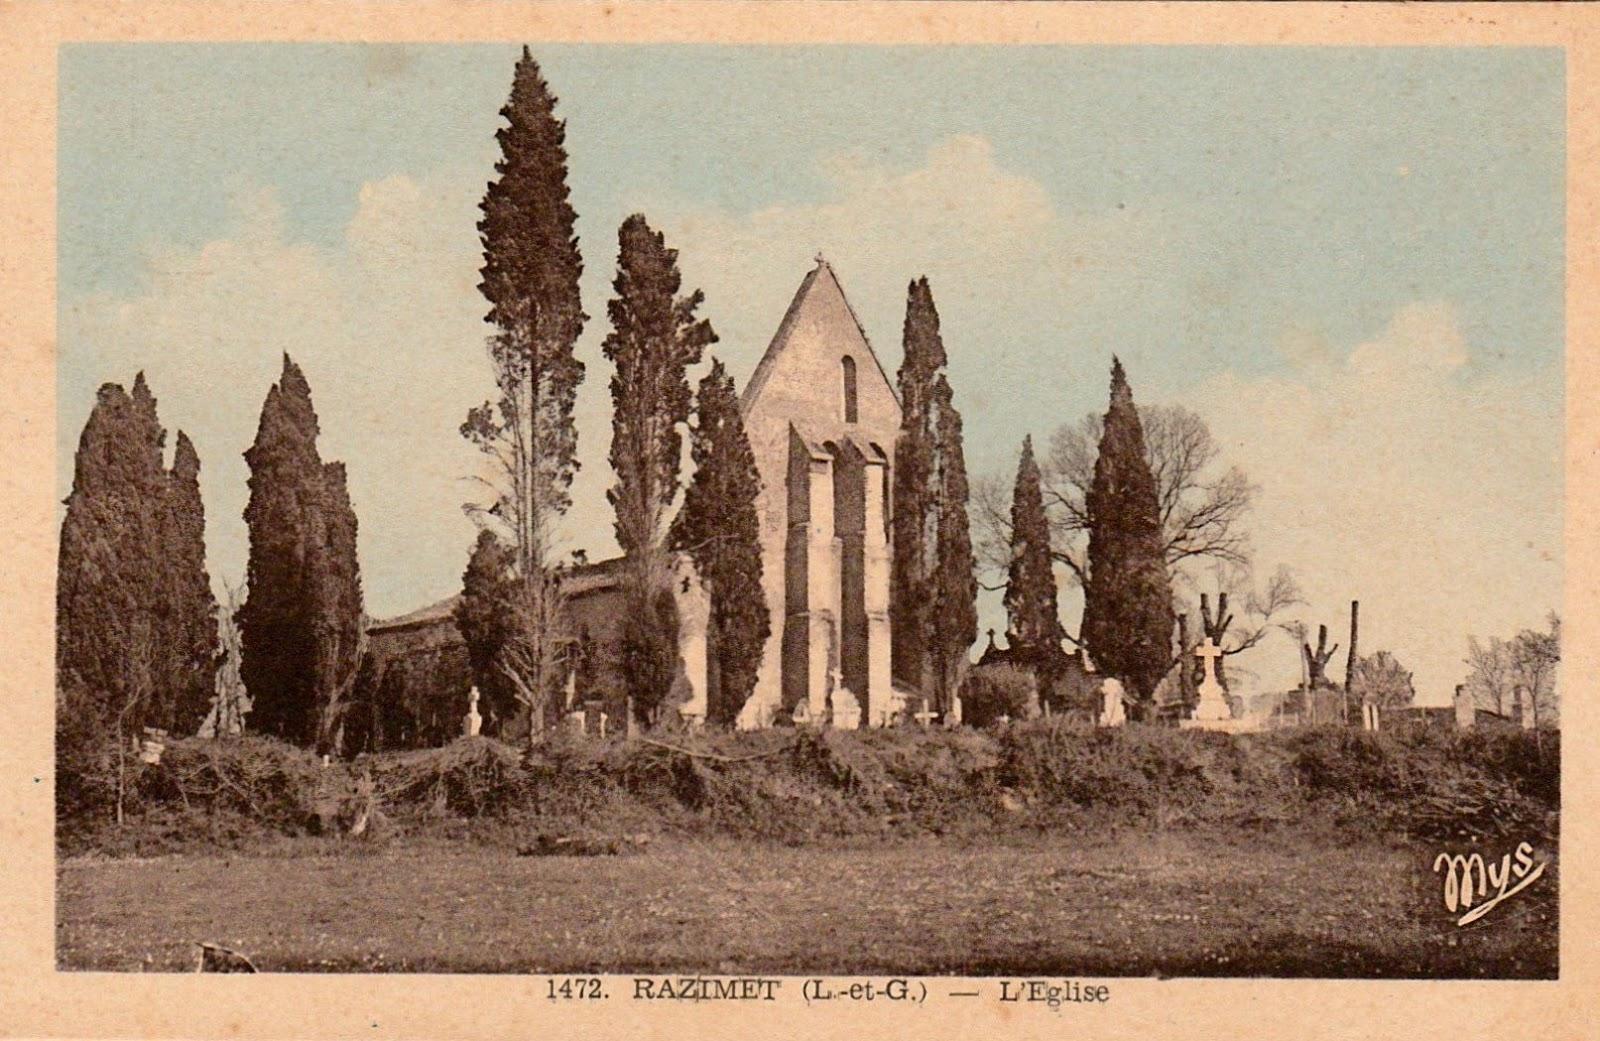 Carte postale ancienne, l'église St Jean-Baptiste et son cimetière aux nombreux cyprès disparus aujourd'hui